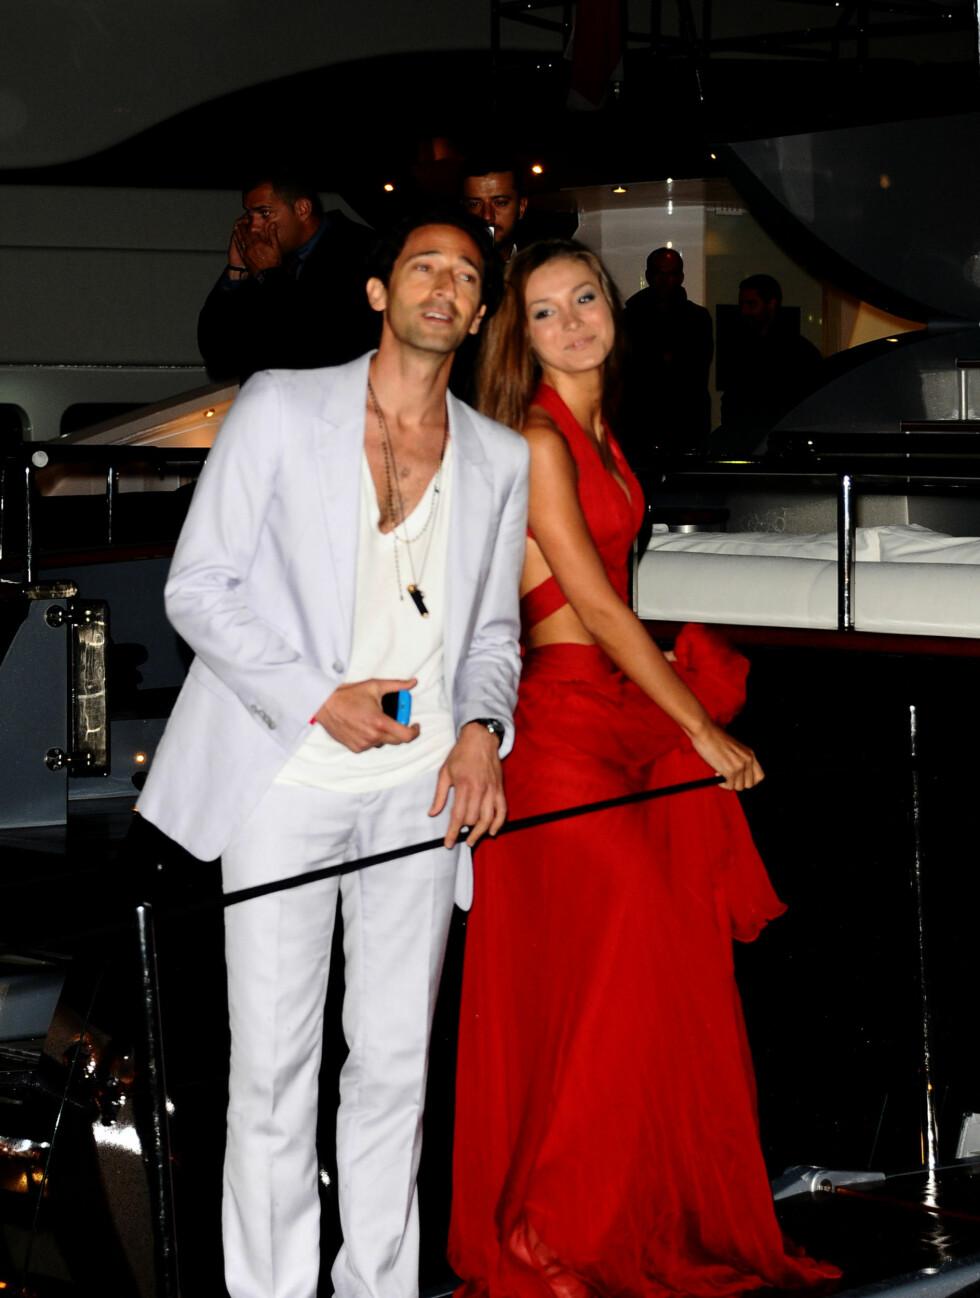 PARTYKLARE: Skuespiller Adrian Brody kom med kjæresten Lara Lieto.  Foto: All Over Press